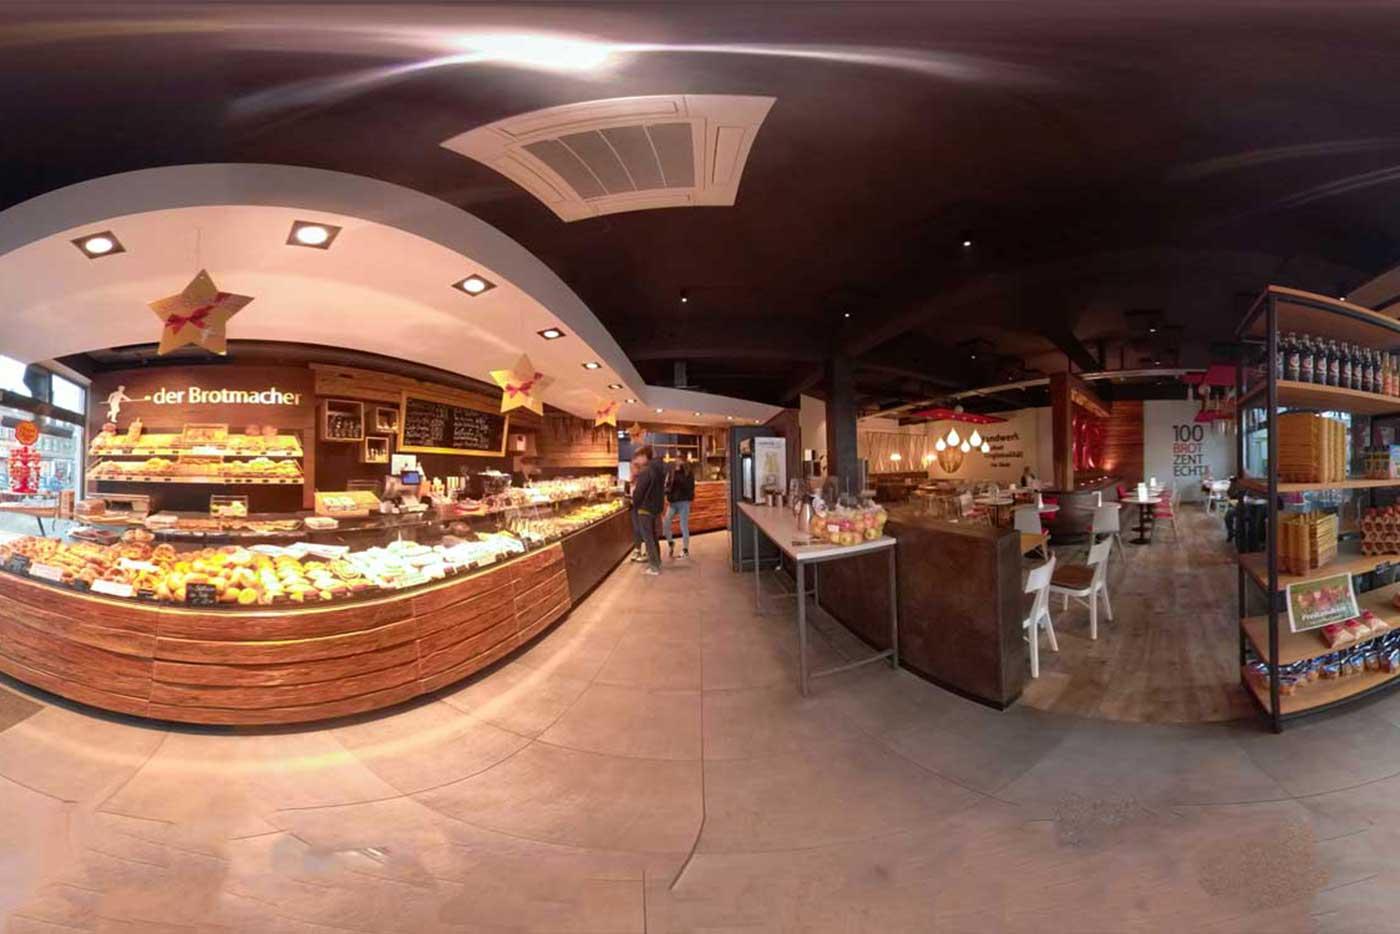 360 Grad Aufnahme Bäckerei der Brotmacher Groß-Umstadt